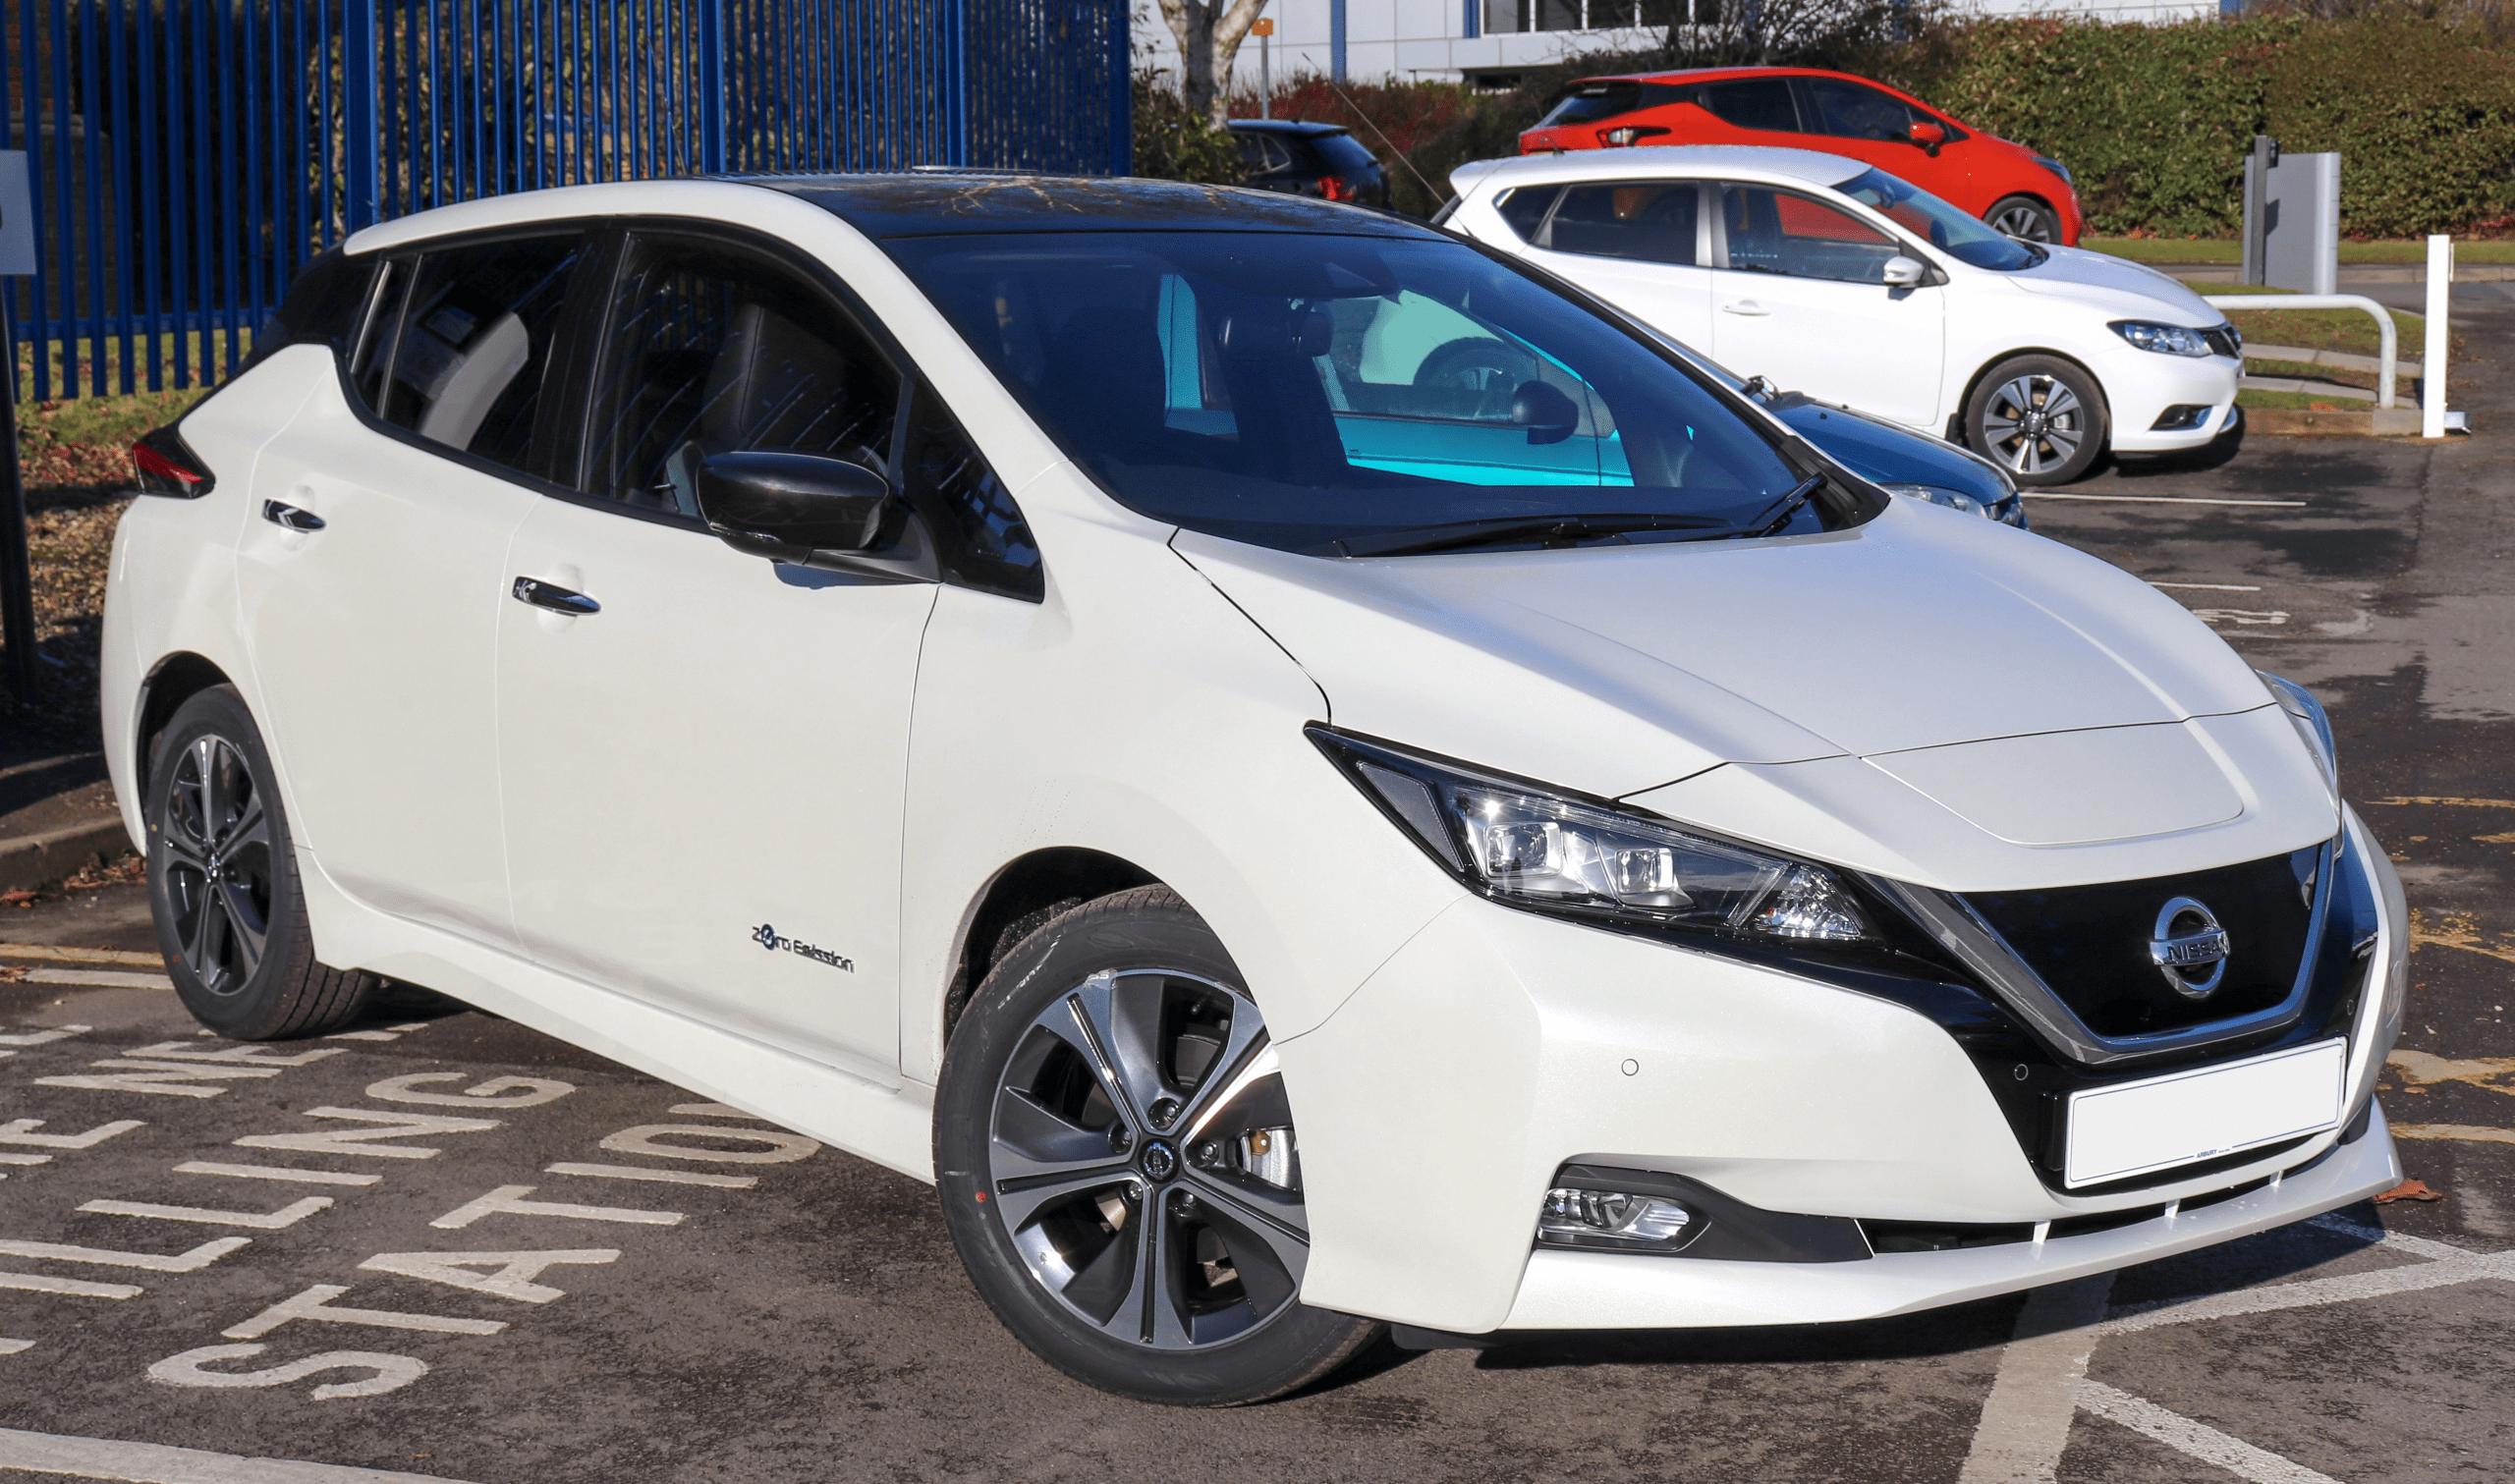 2020 Nissan Pathfinder Hybrid Redesign In 2020 Nissan Nissan Motors Nissan Leaf